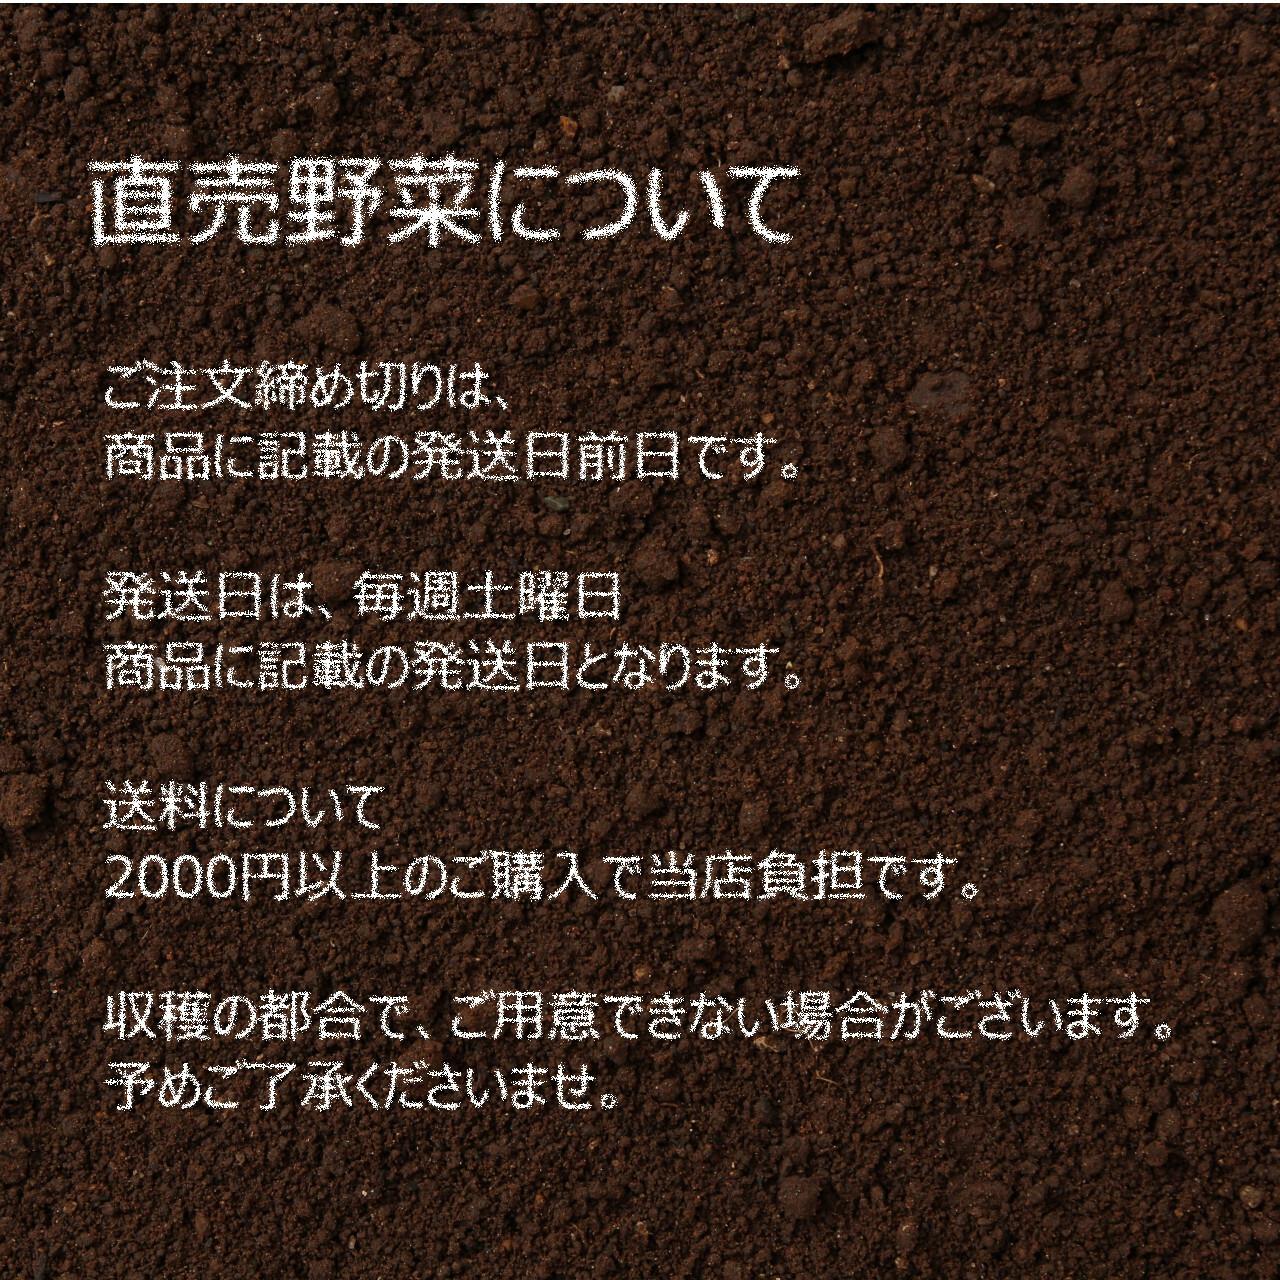 4月の朝採り直売野菜 とう菜 400g 4月27日発送予定